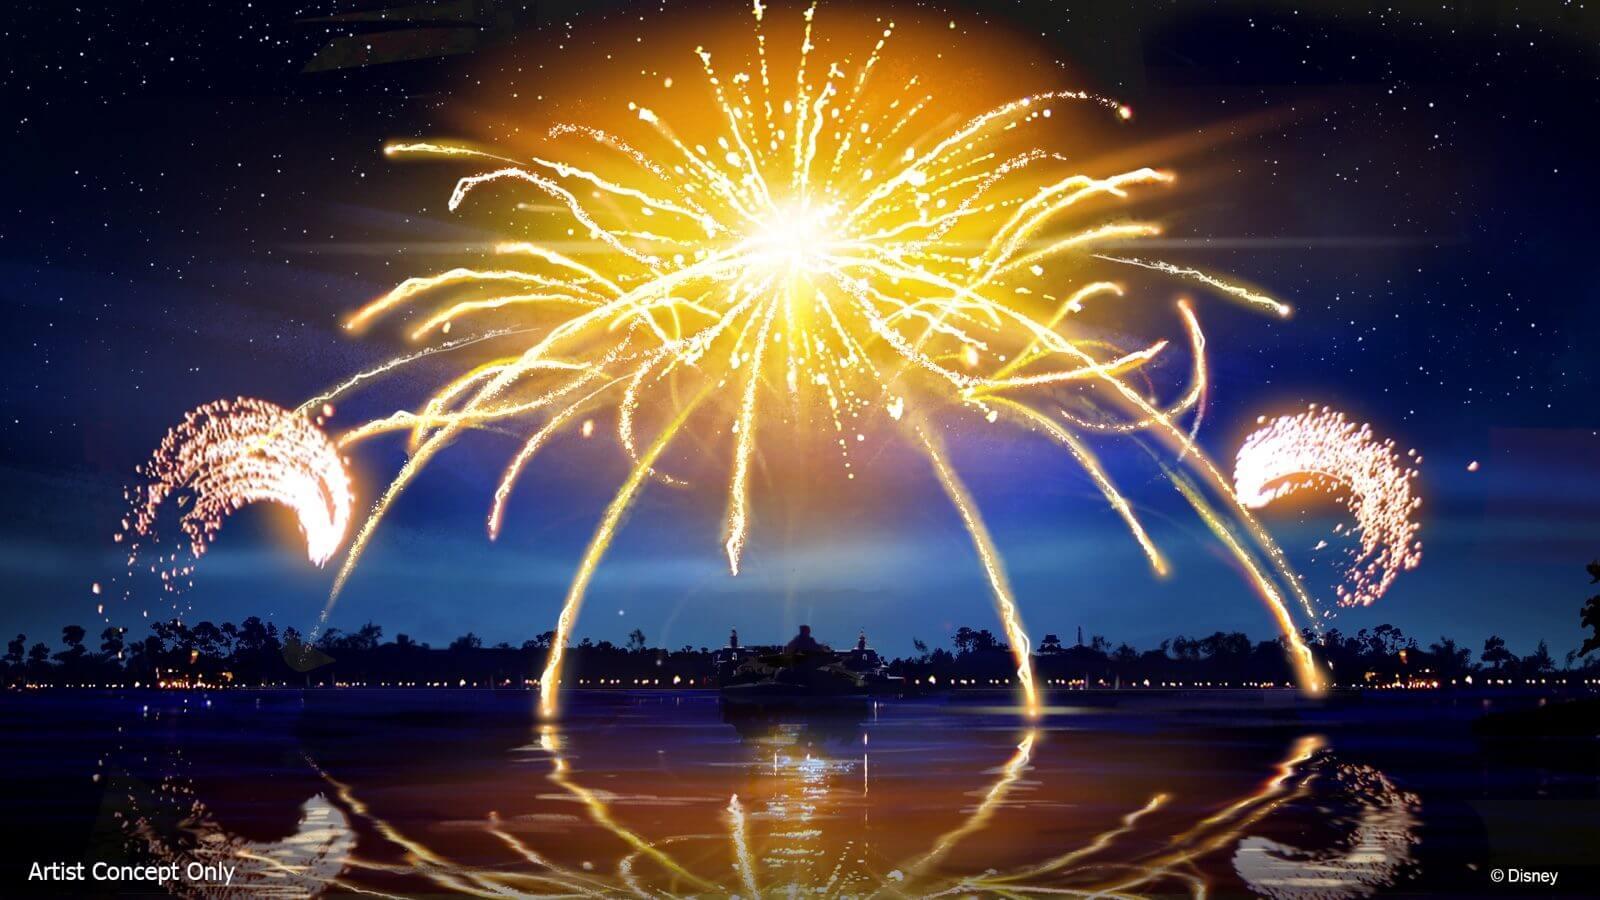 """Espetáculo """"Epcot Forever"""" no parque Epcot da Disney Orlando: fogos de artifício"""